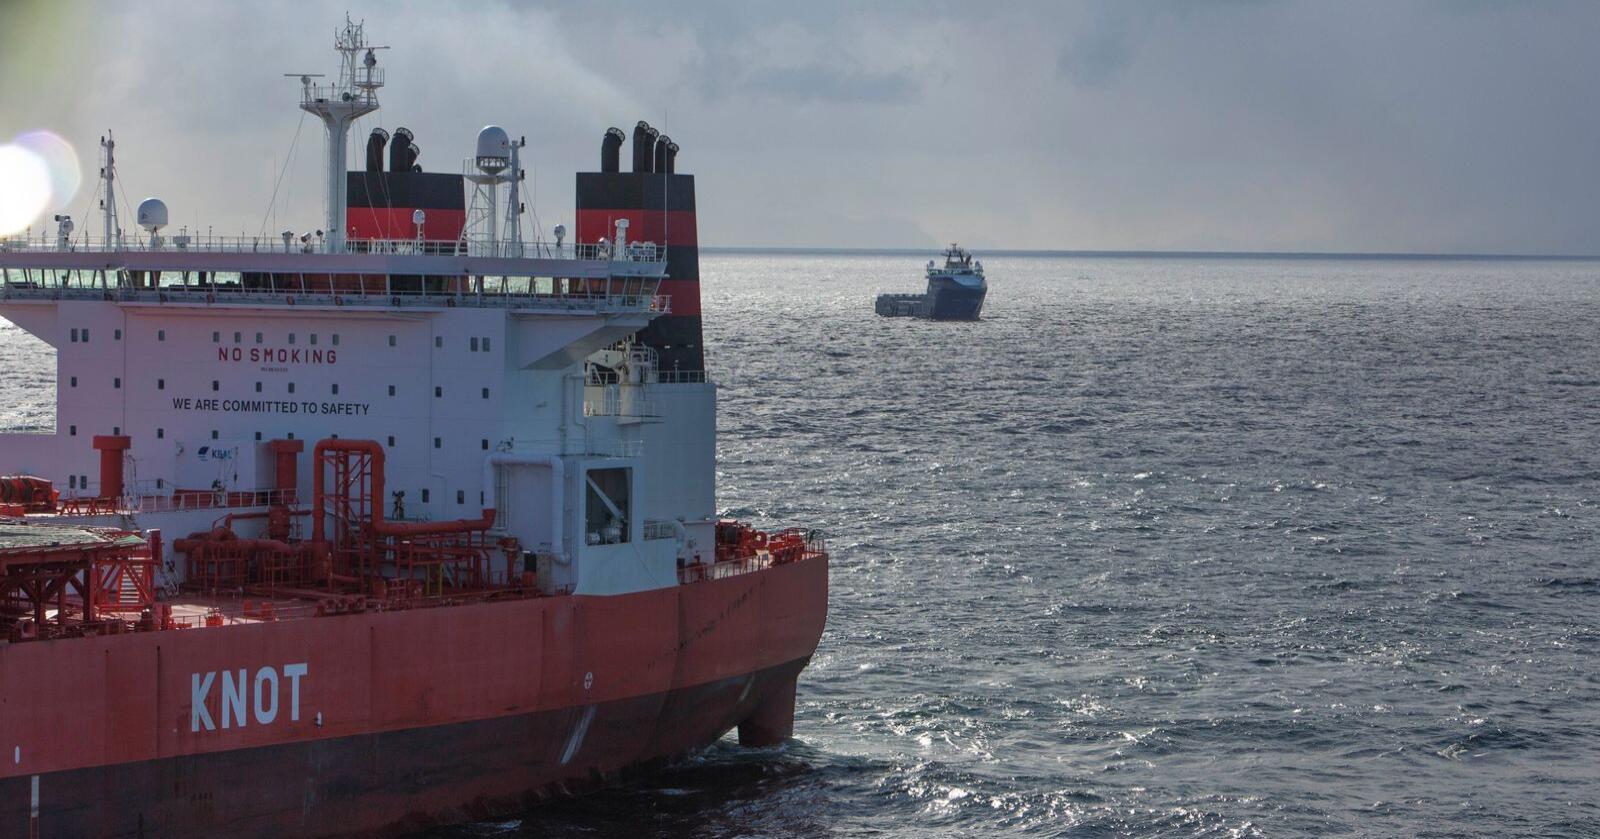 Tankeren Torill Knutsen laster olje fra Goliat-feltet i Barentshavet. Ifølge NRK fikk Stortinget ikke vite om en rapport som konkluderte med at oljeleting sørøst i Barentshavet kunne bli et tapsprosjekt da de i 2013 vedtok å gå inn for oljeleting i området. Foto: Jan-Morten Bjørnbakk/NTB scanpix